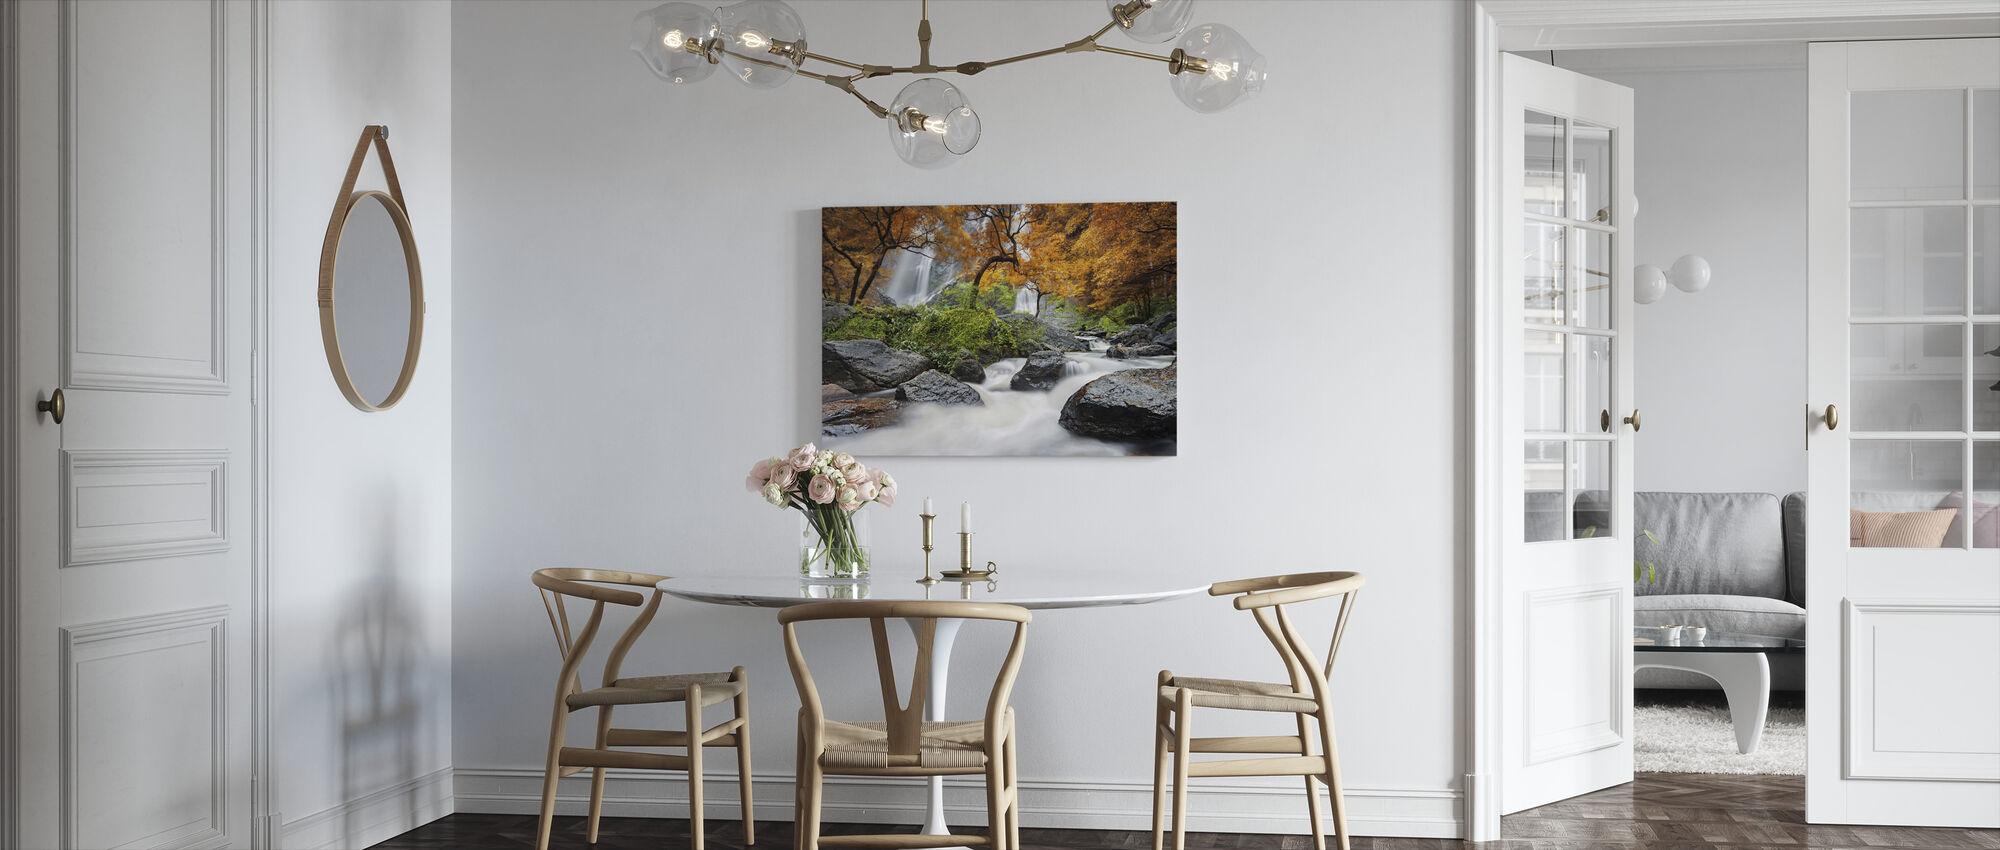 Höst vattenfall - Canvastavla - Kök